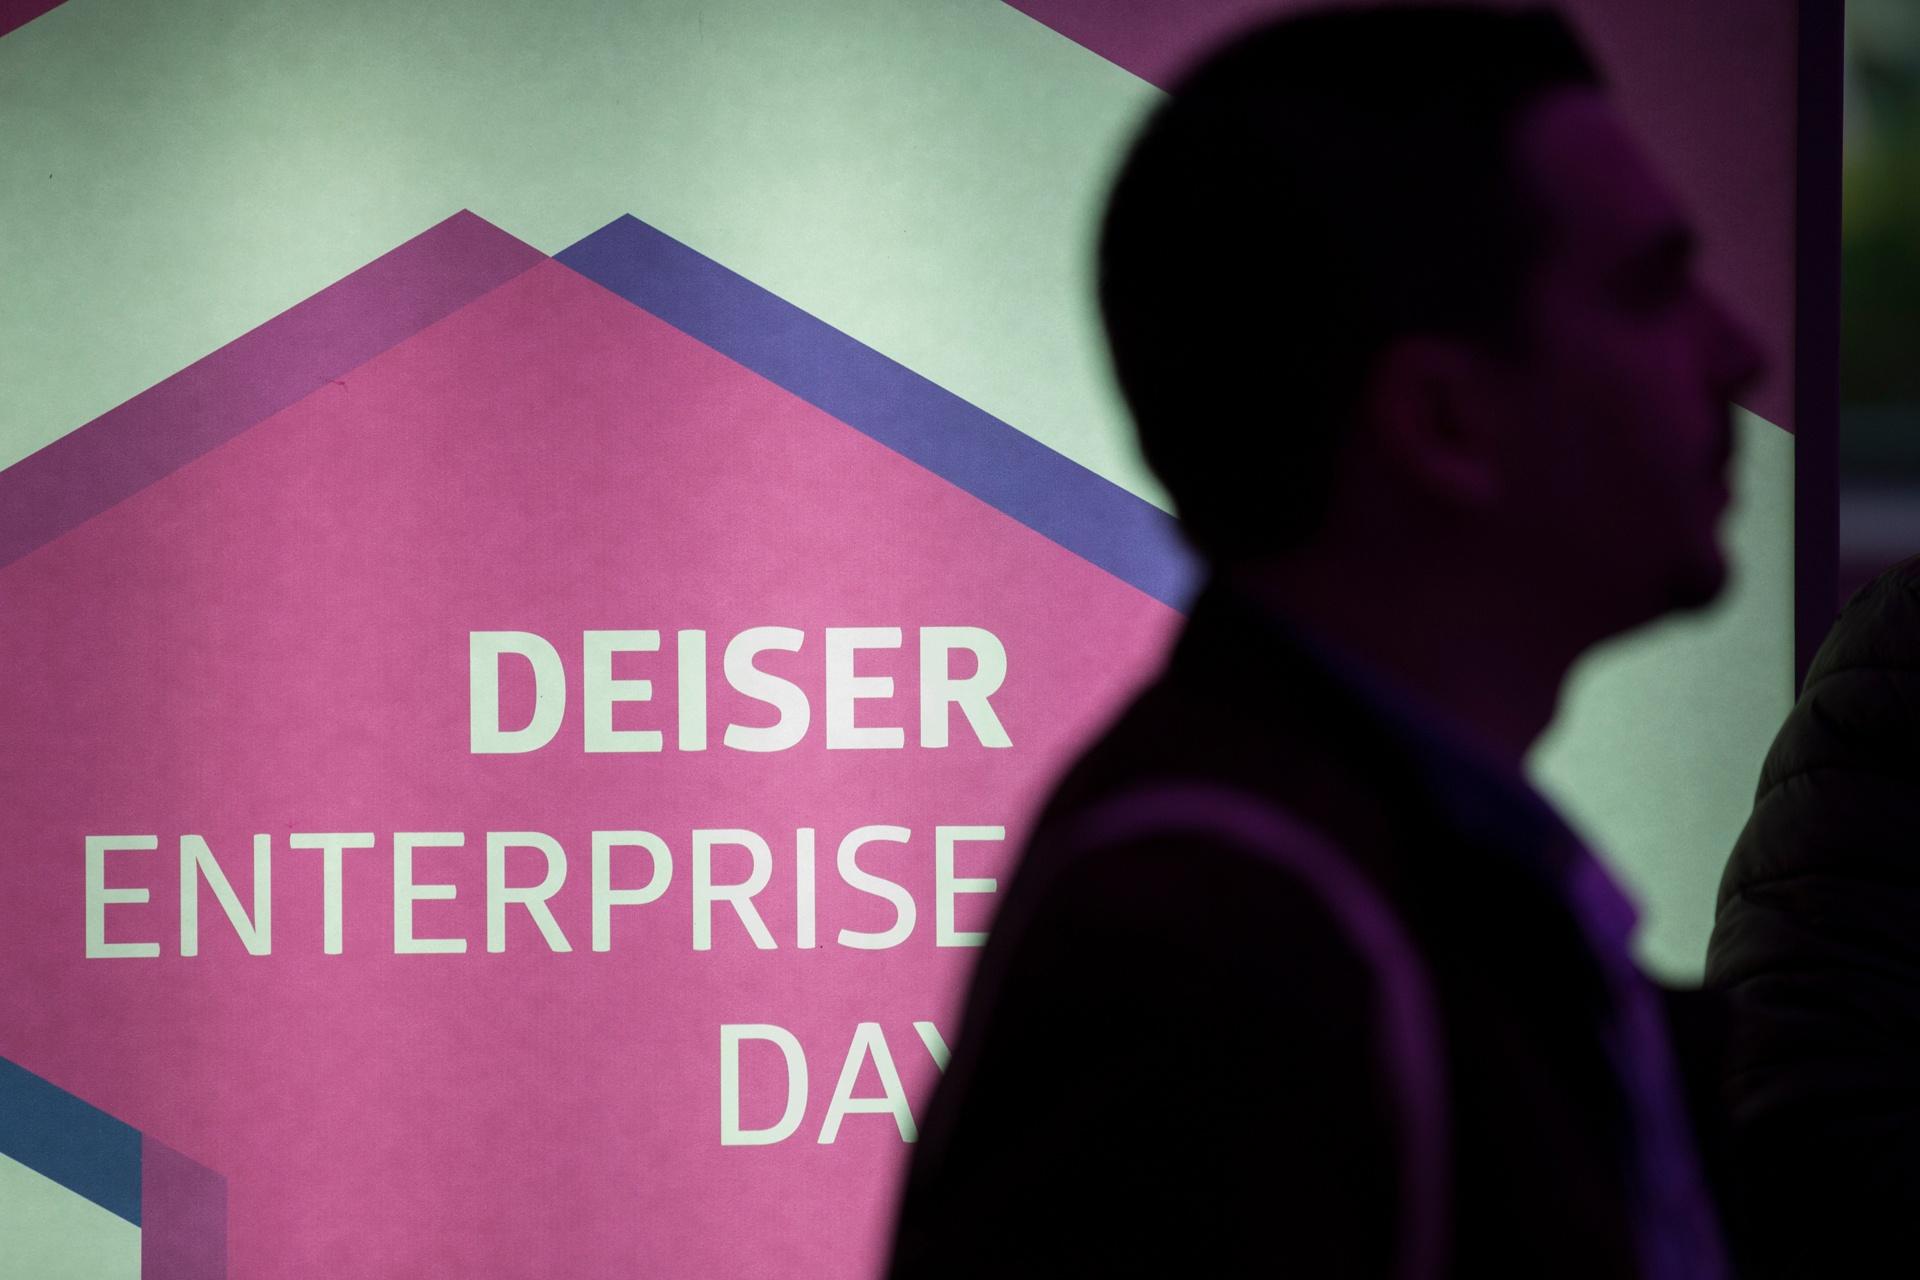 DEISER Enterprise Day Madrid 2017